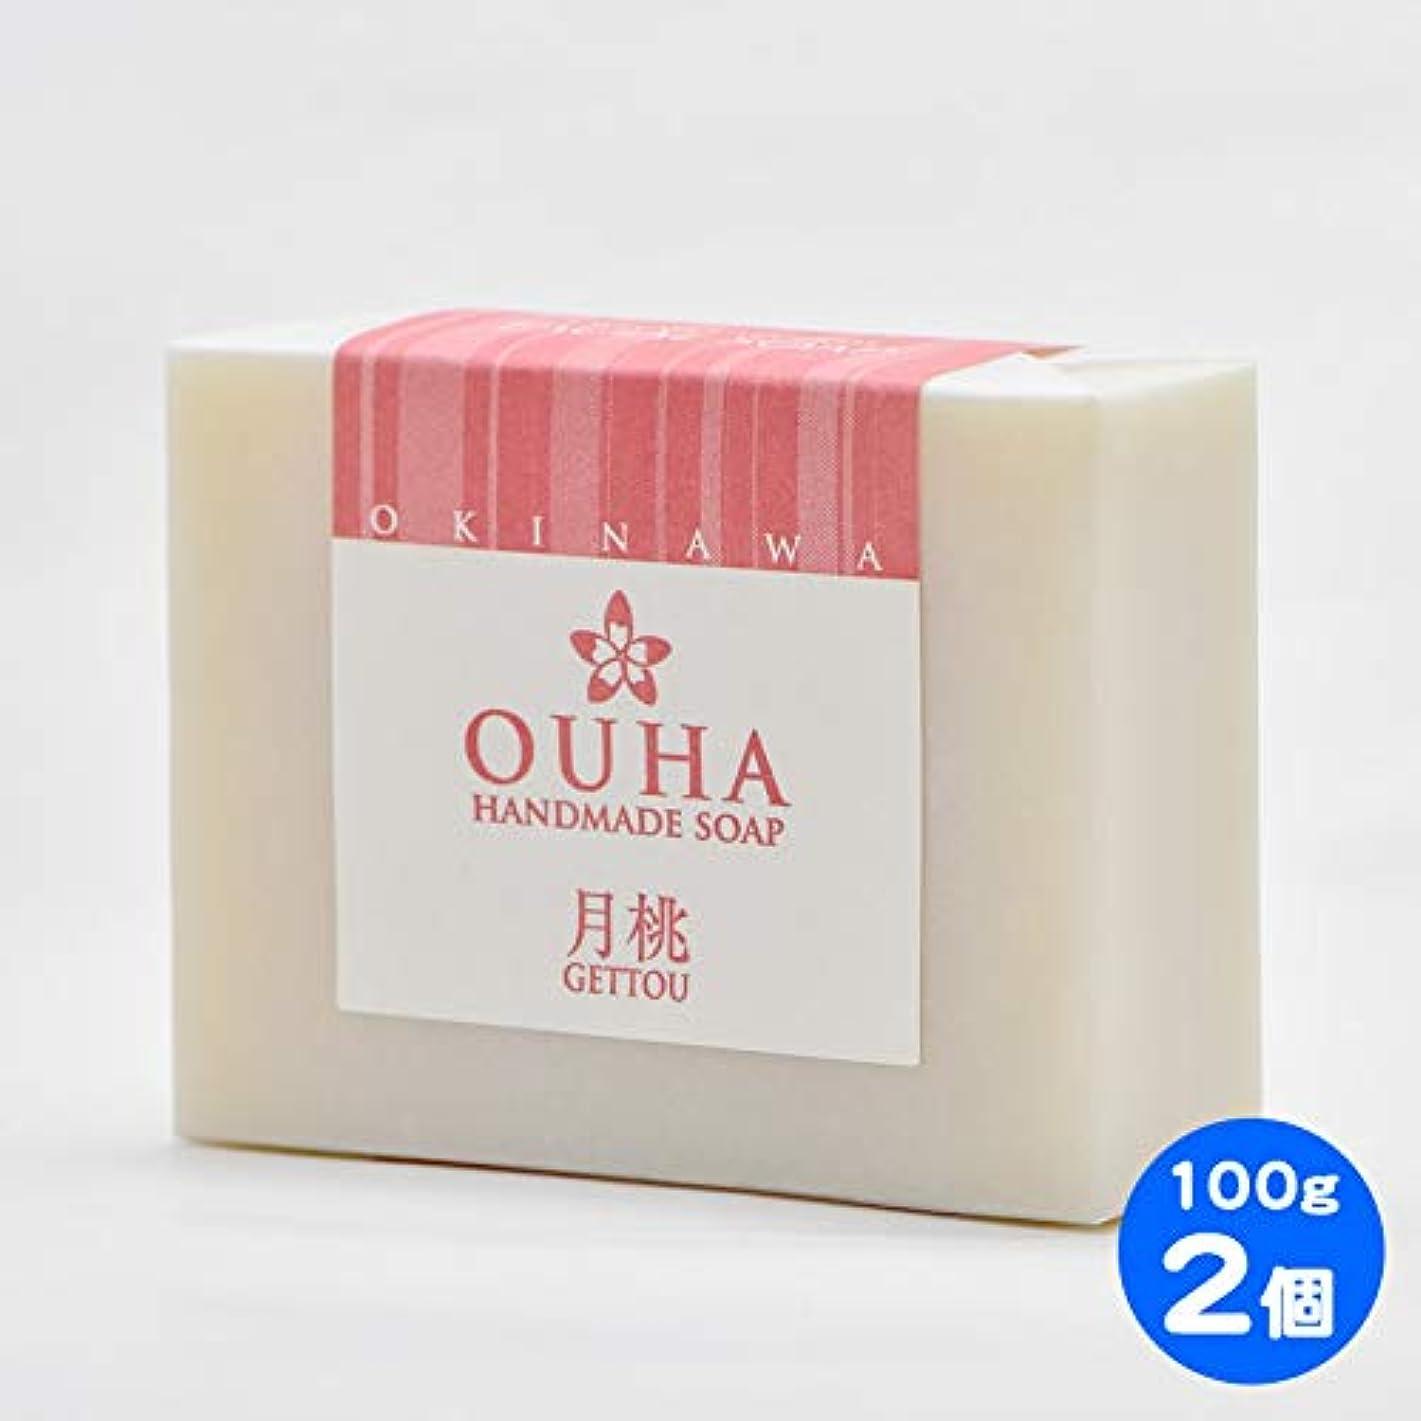 億トレード比率【送料無料 定形外郵便】沖縄県産 OUHAソープ 月桃 石鹸 100g 2個セット